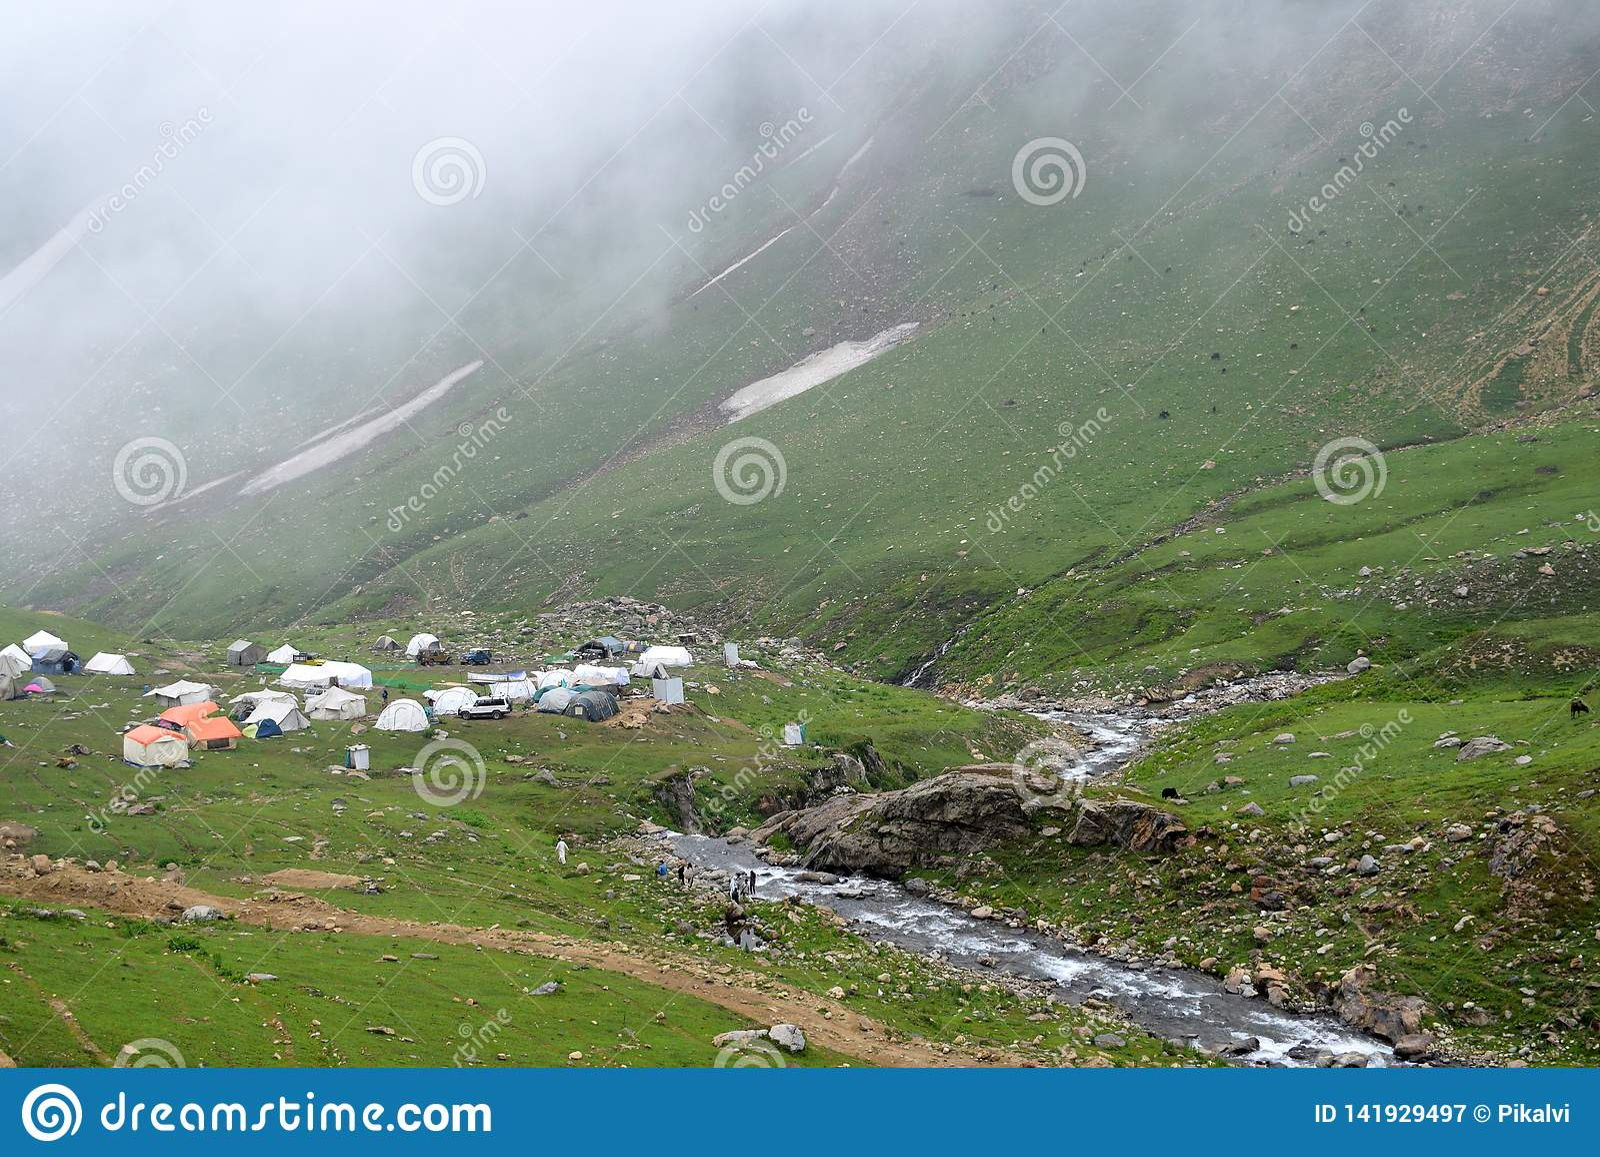 Campingplatz neben Nebenfluss und Hügeln